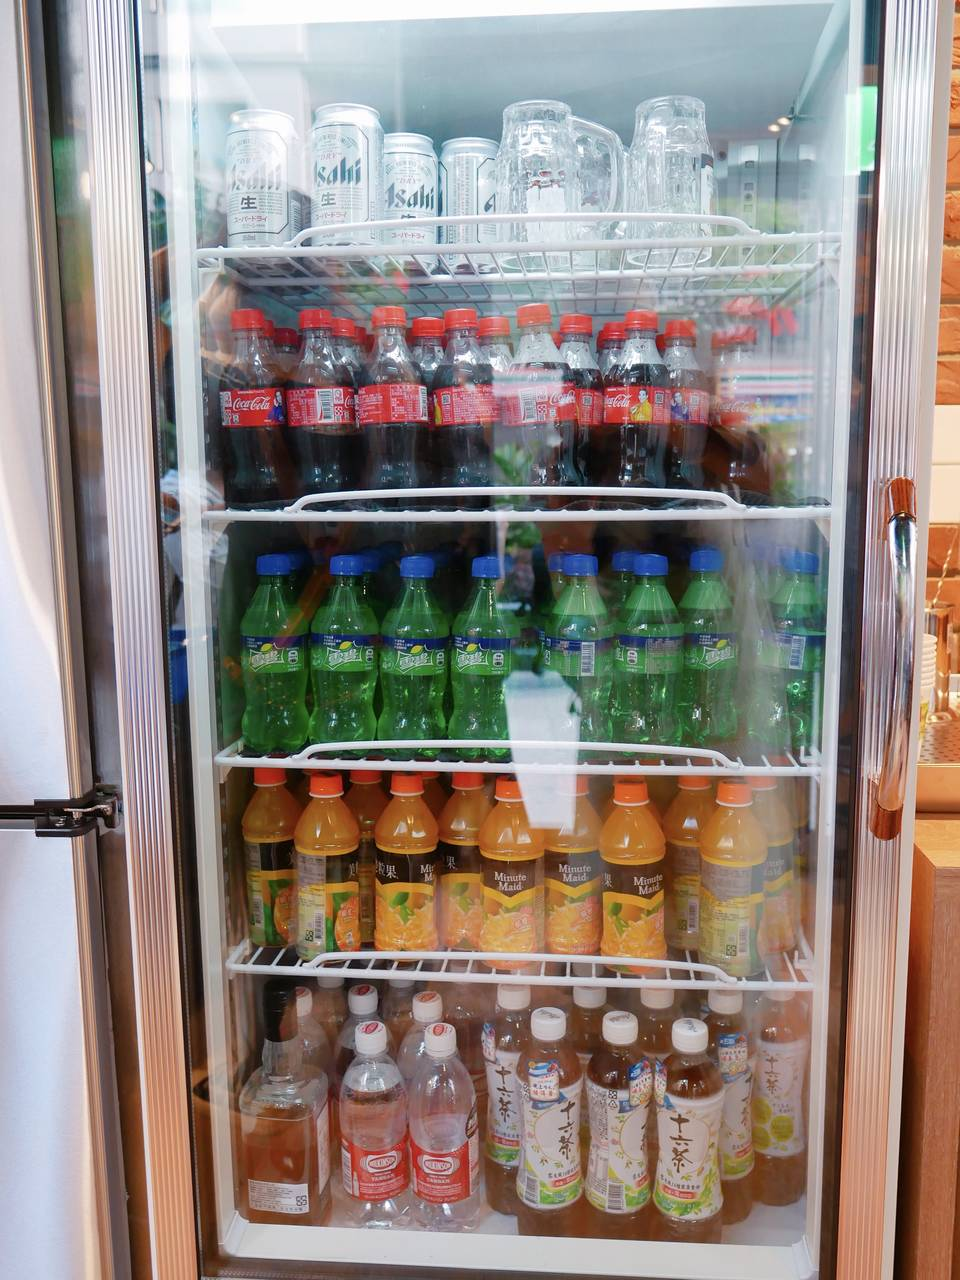 ▲除了基本的套餐主食,另外也有飲料汽水和日本啤酒等飲品可供搭配。